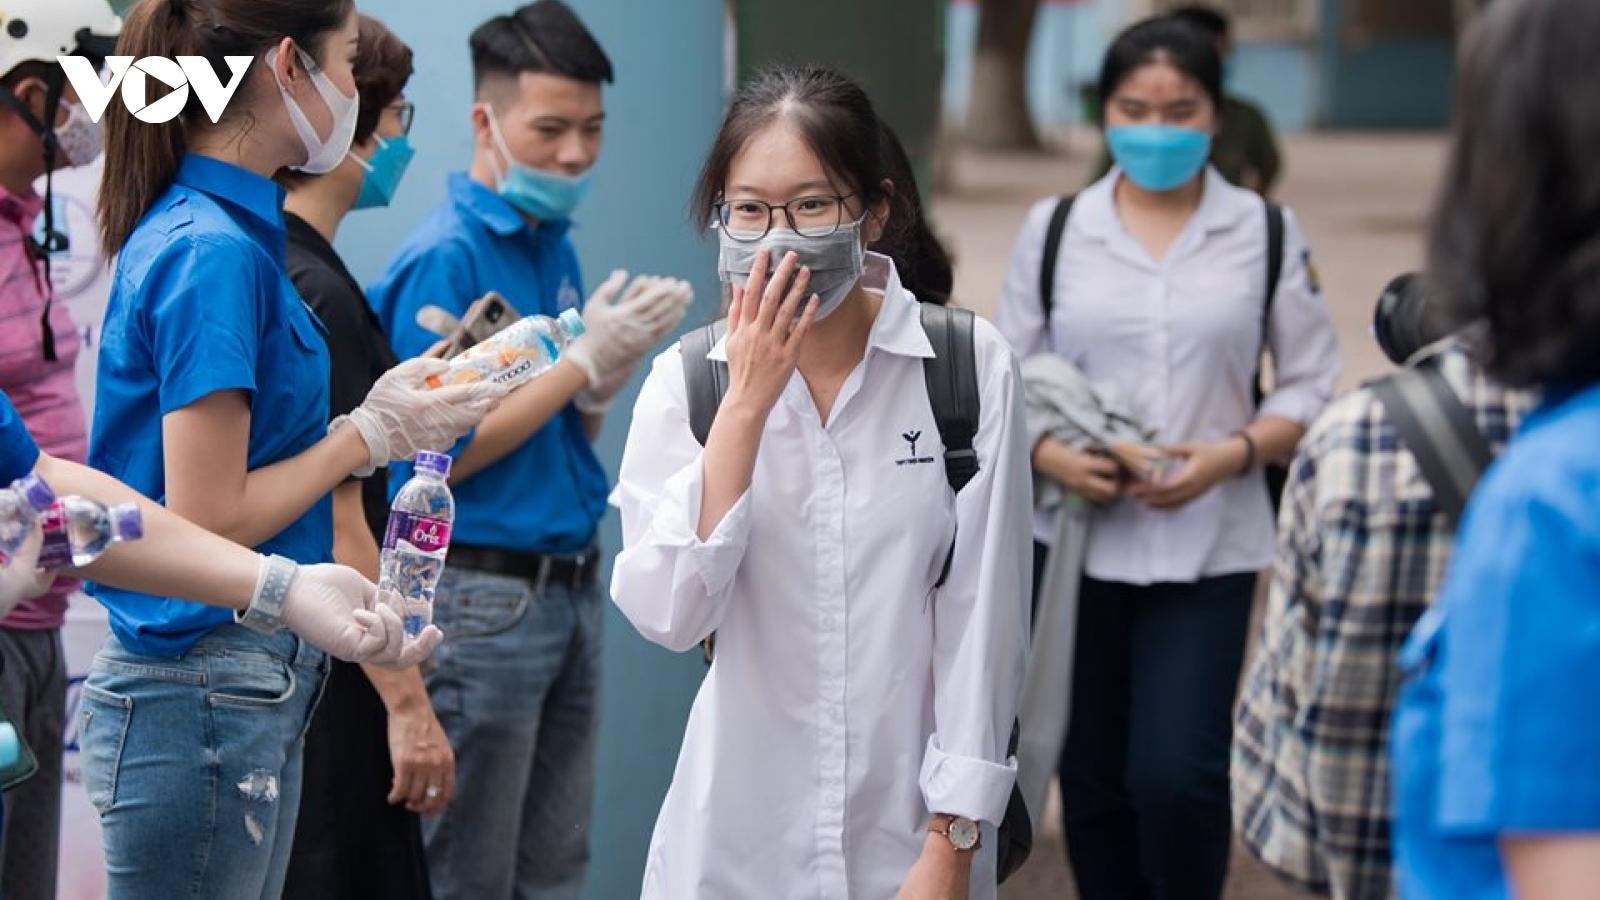 4 trường THPT chuyên tại Hà Nội đồng loạt công bố điểm chuẩn tuyển bổ sung lớp 10